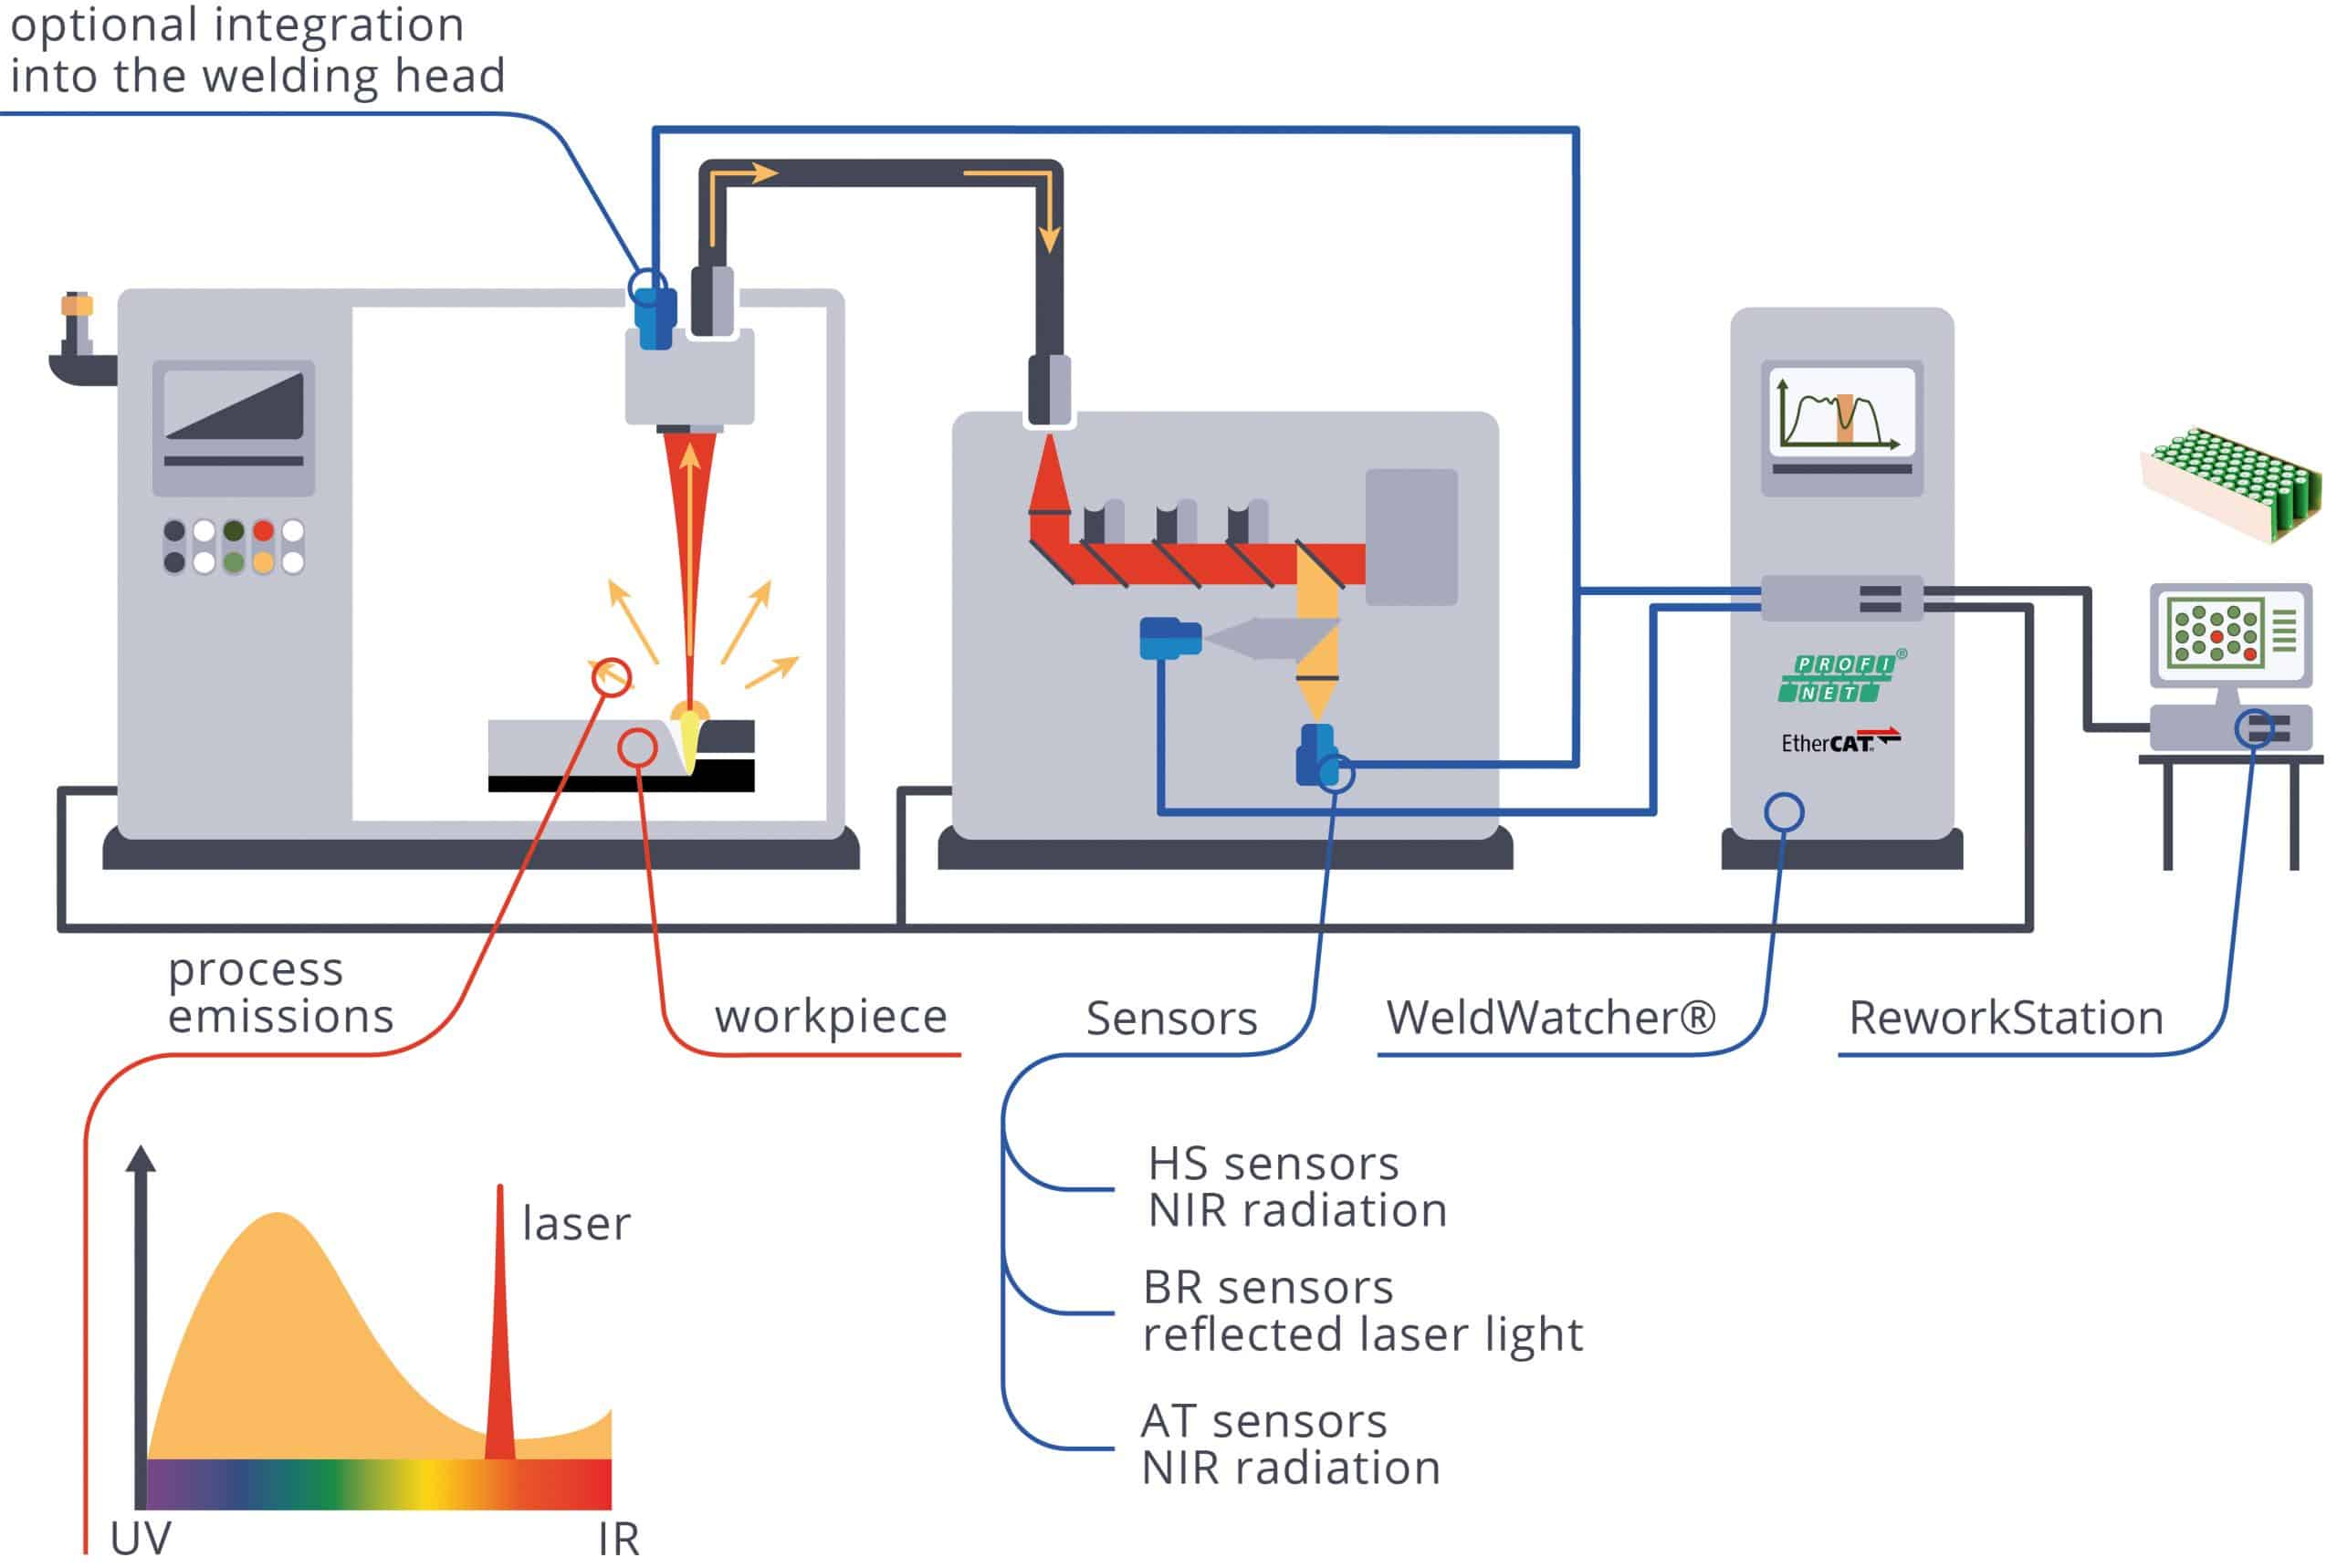 WeldWatcher System Integration